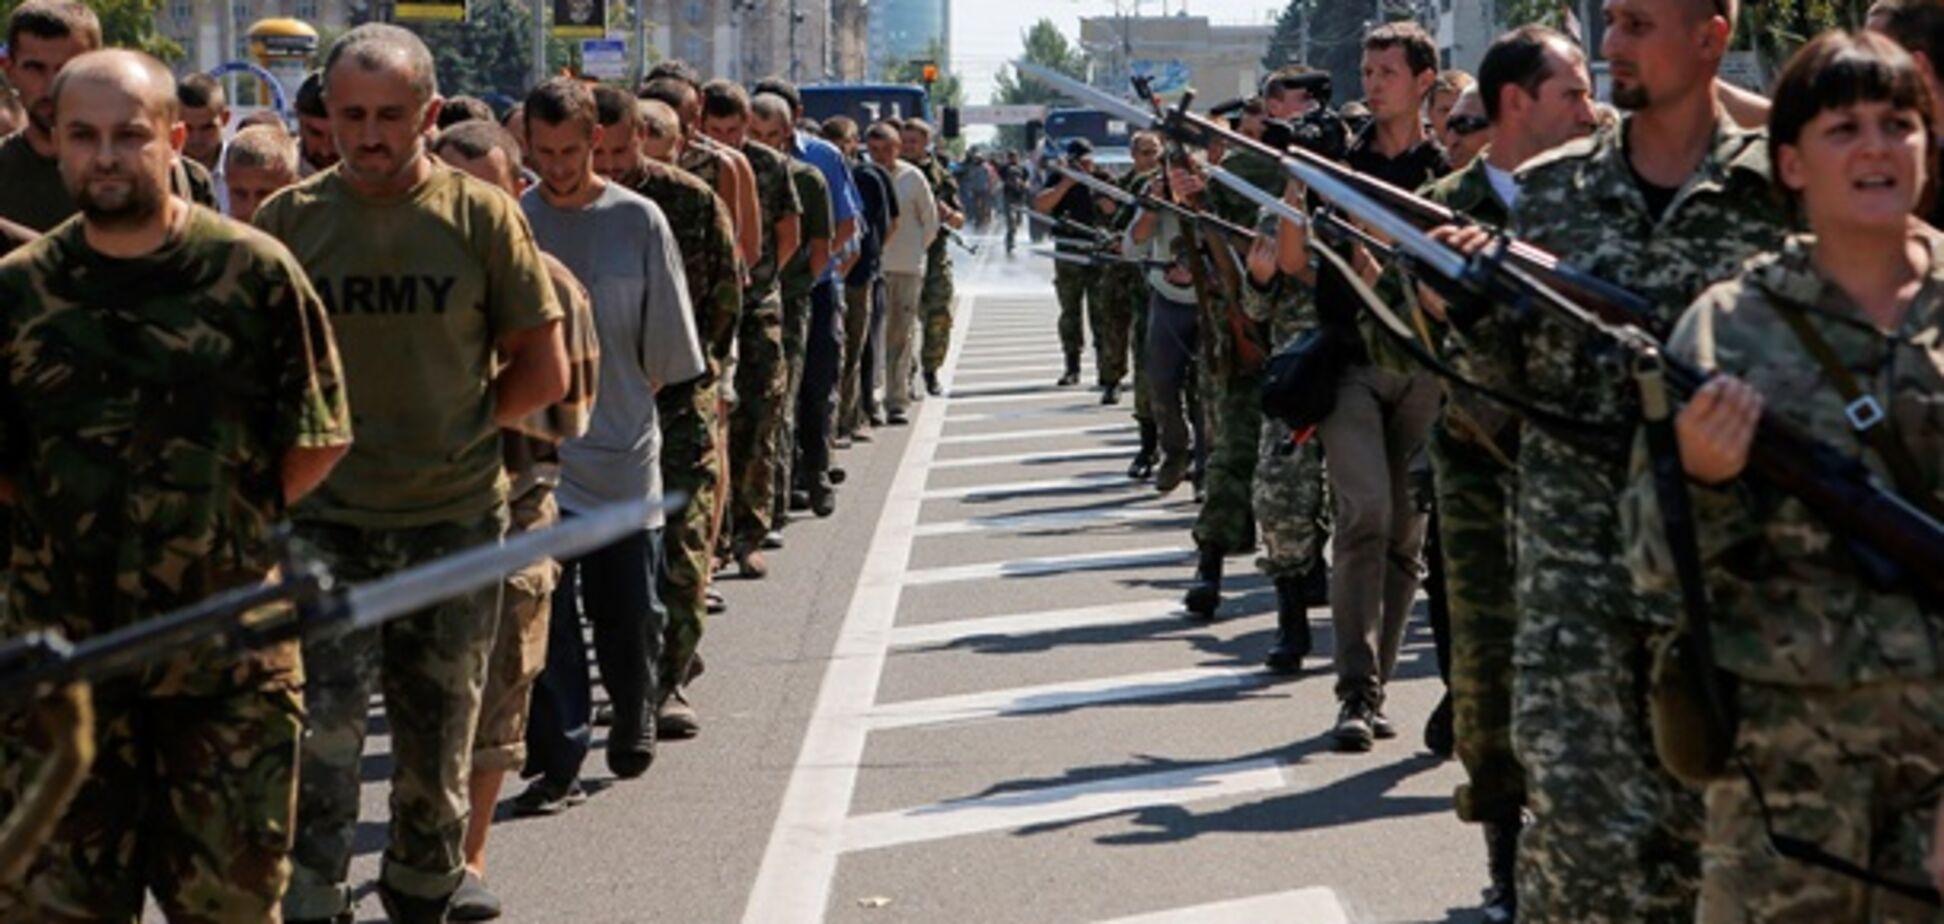 'Ключ в Кремле': появились важные данные о количестве заложников 'ДНР' и 'ЛНР'